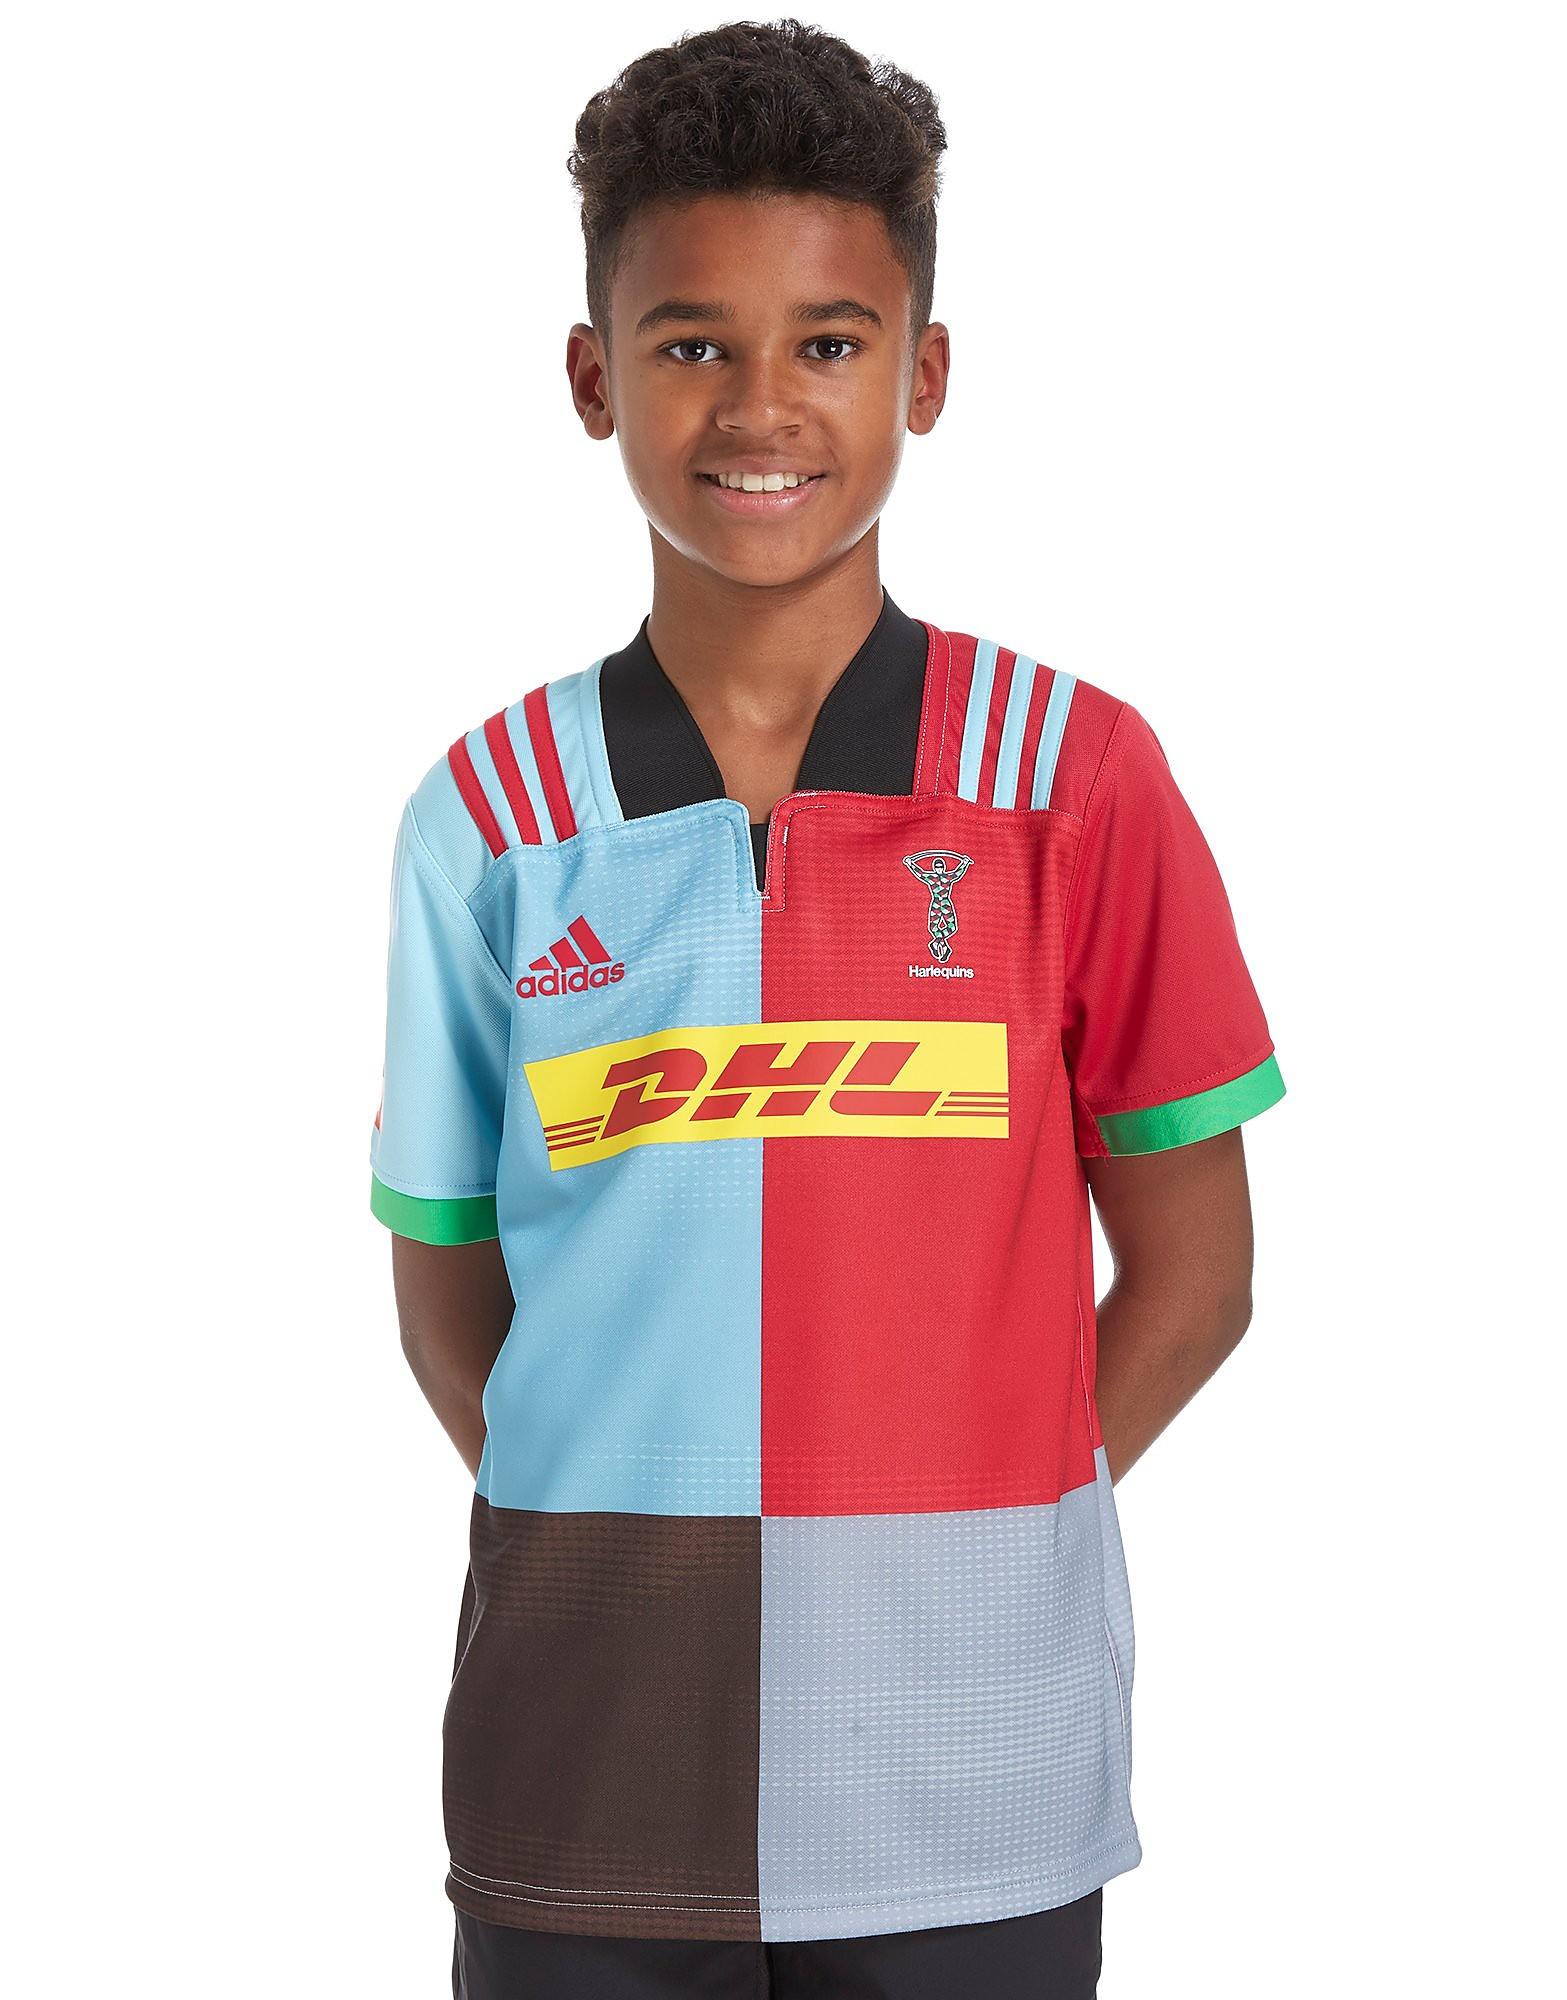 adidas Harlequins Home Shirt 2017/18 Junior